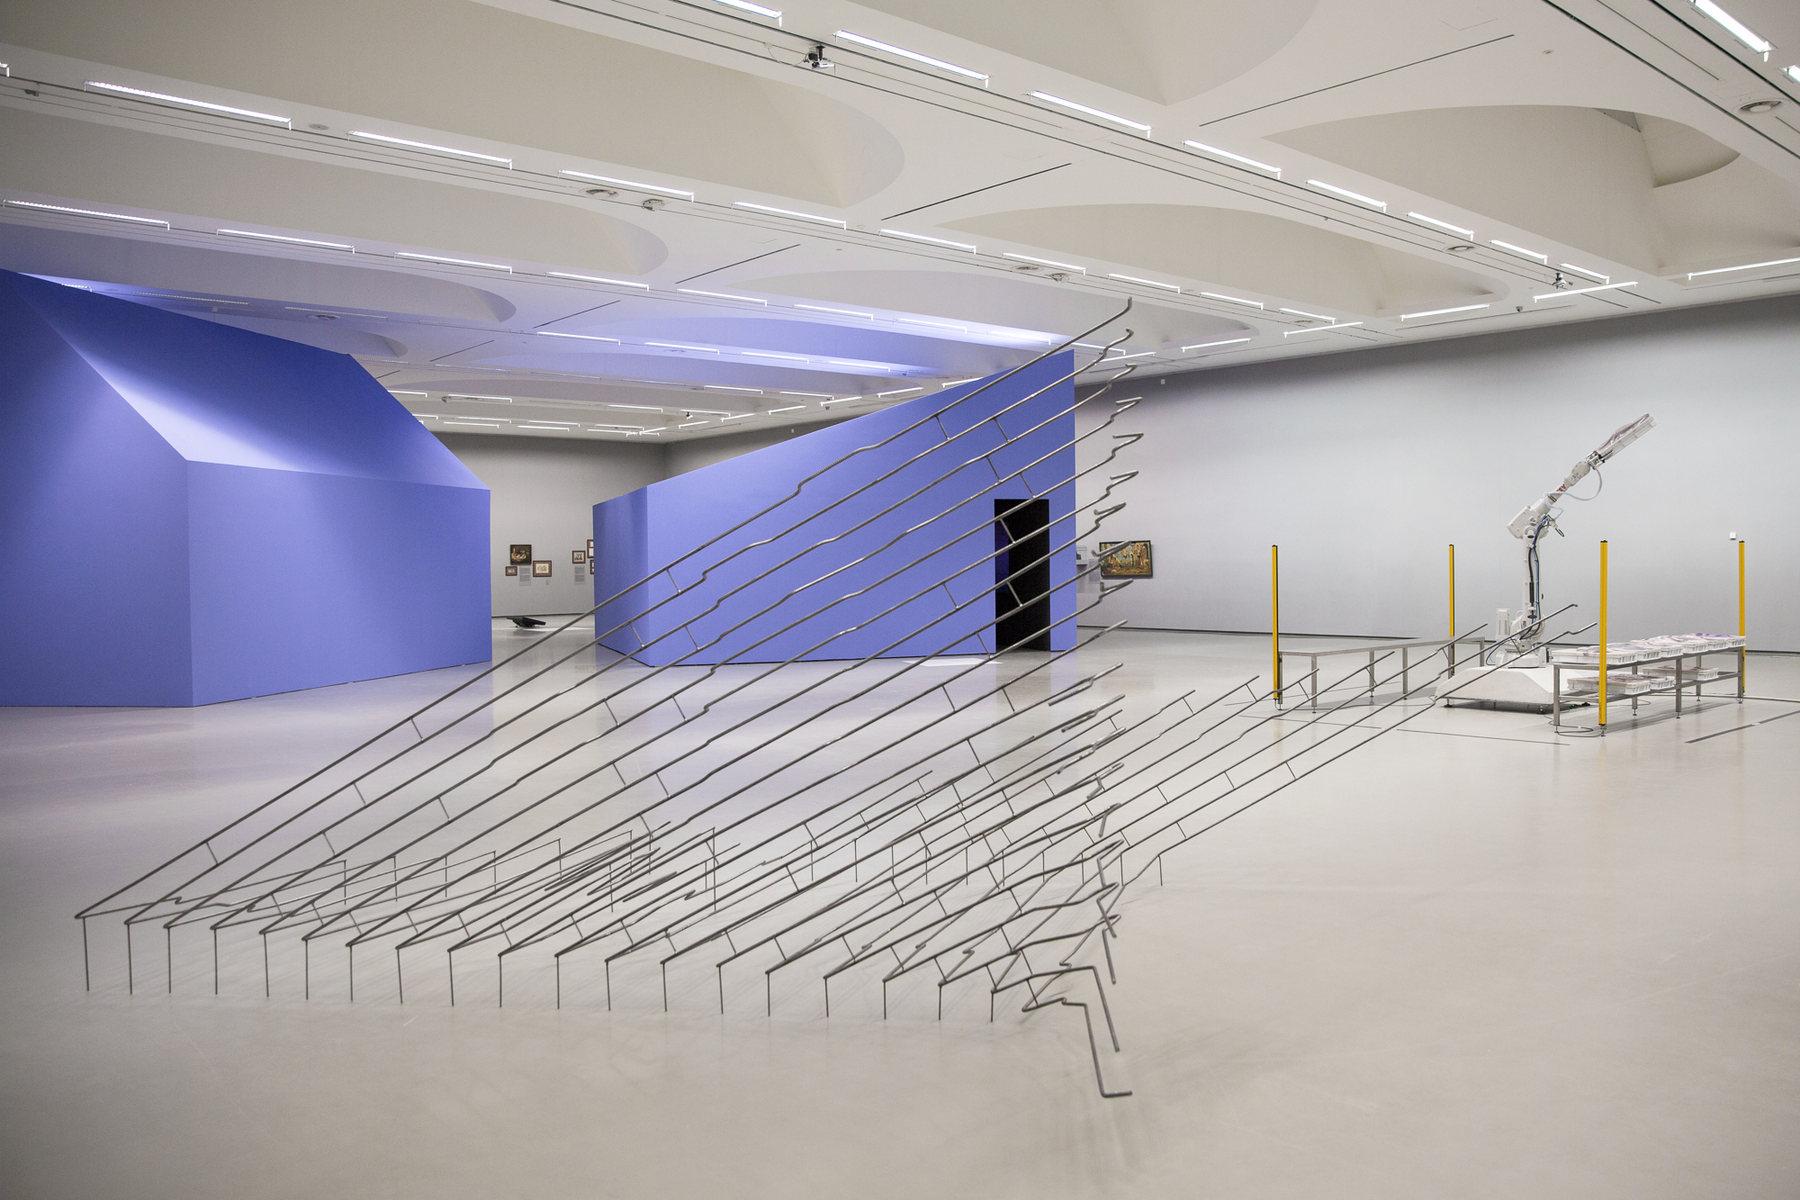 05-Citynature-Vilnius and Beyond-National-Gallery-Of-Art-Vilnius-2017-Julius von-Bismarck-Pakui-Hardware